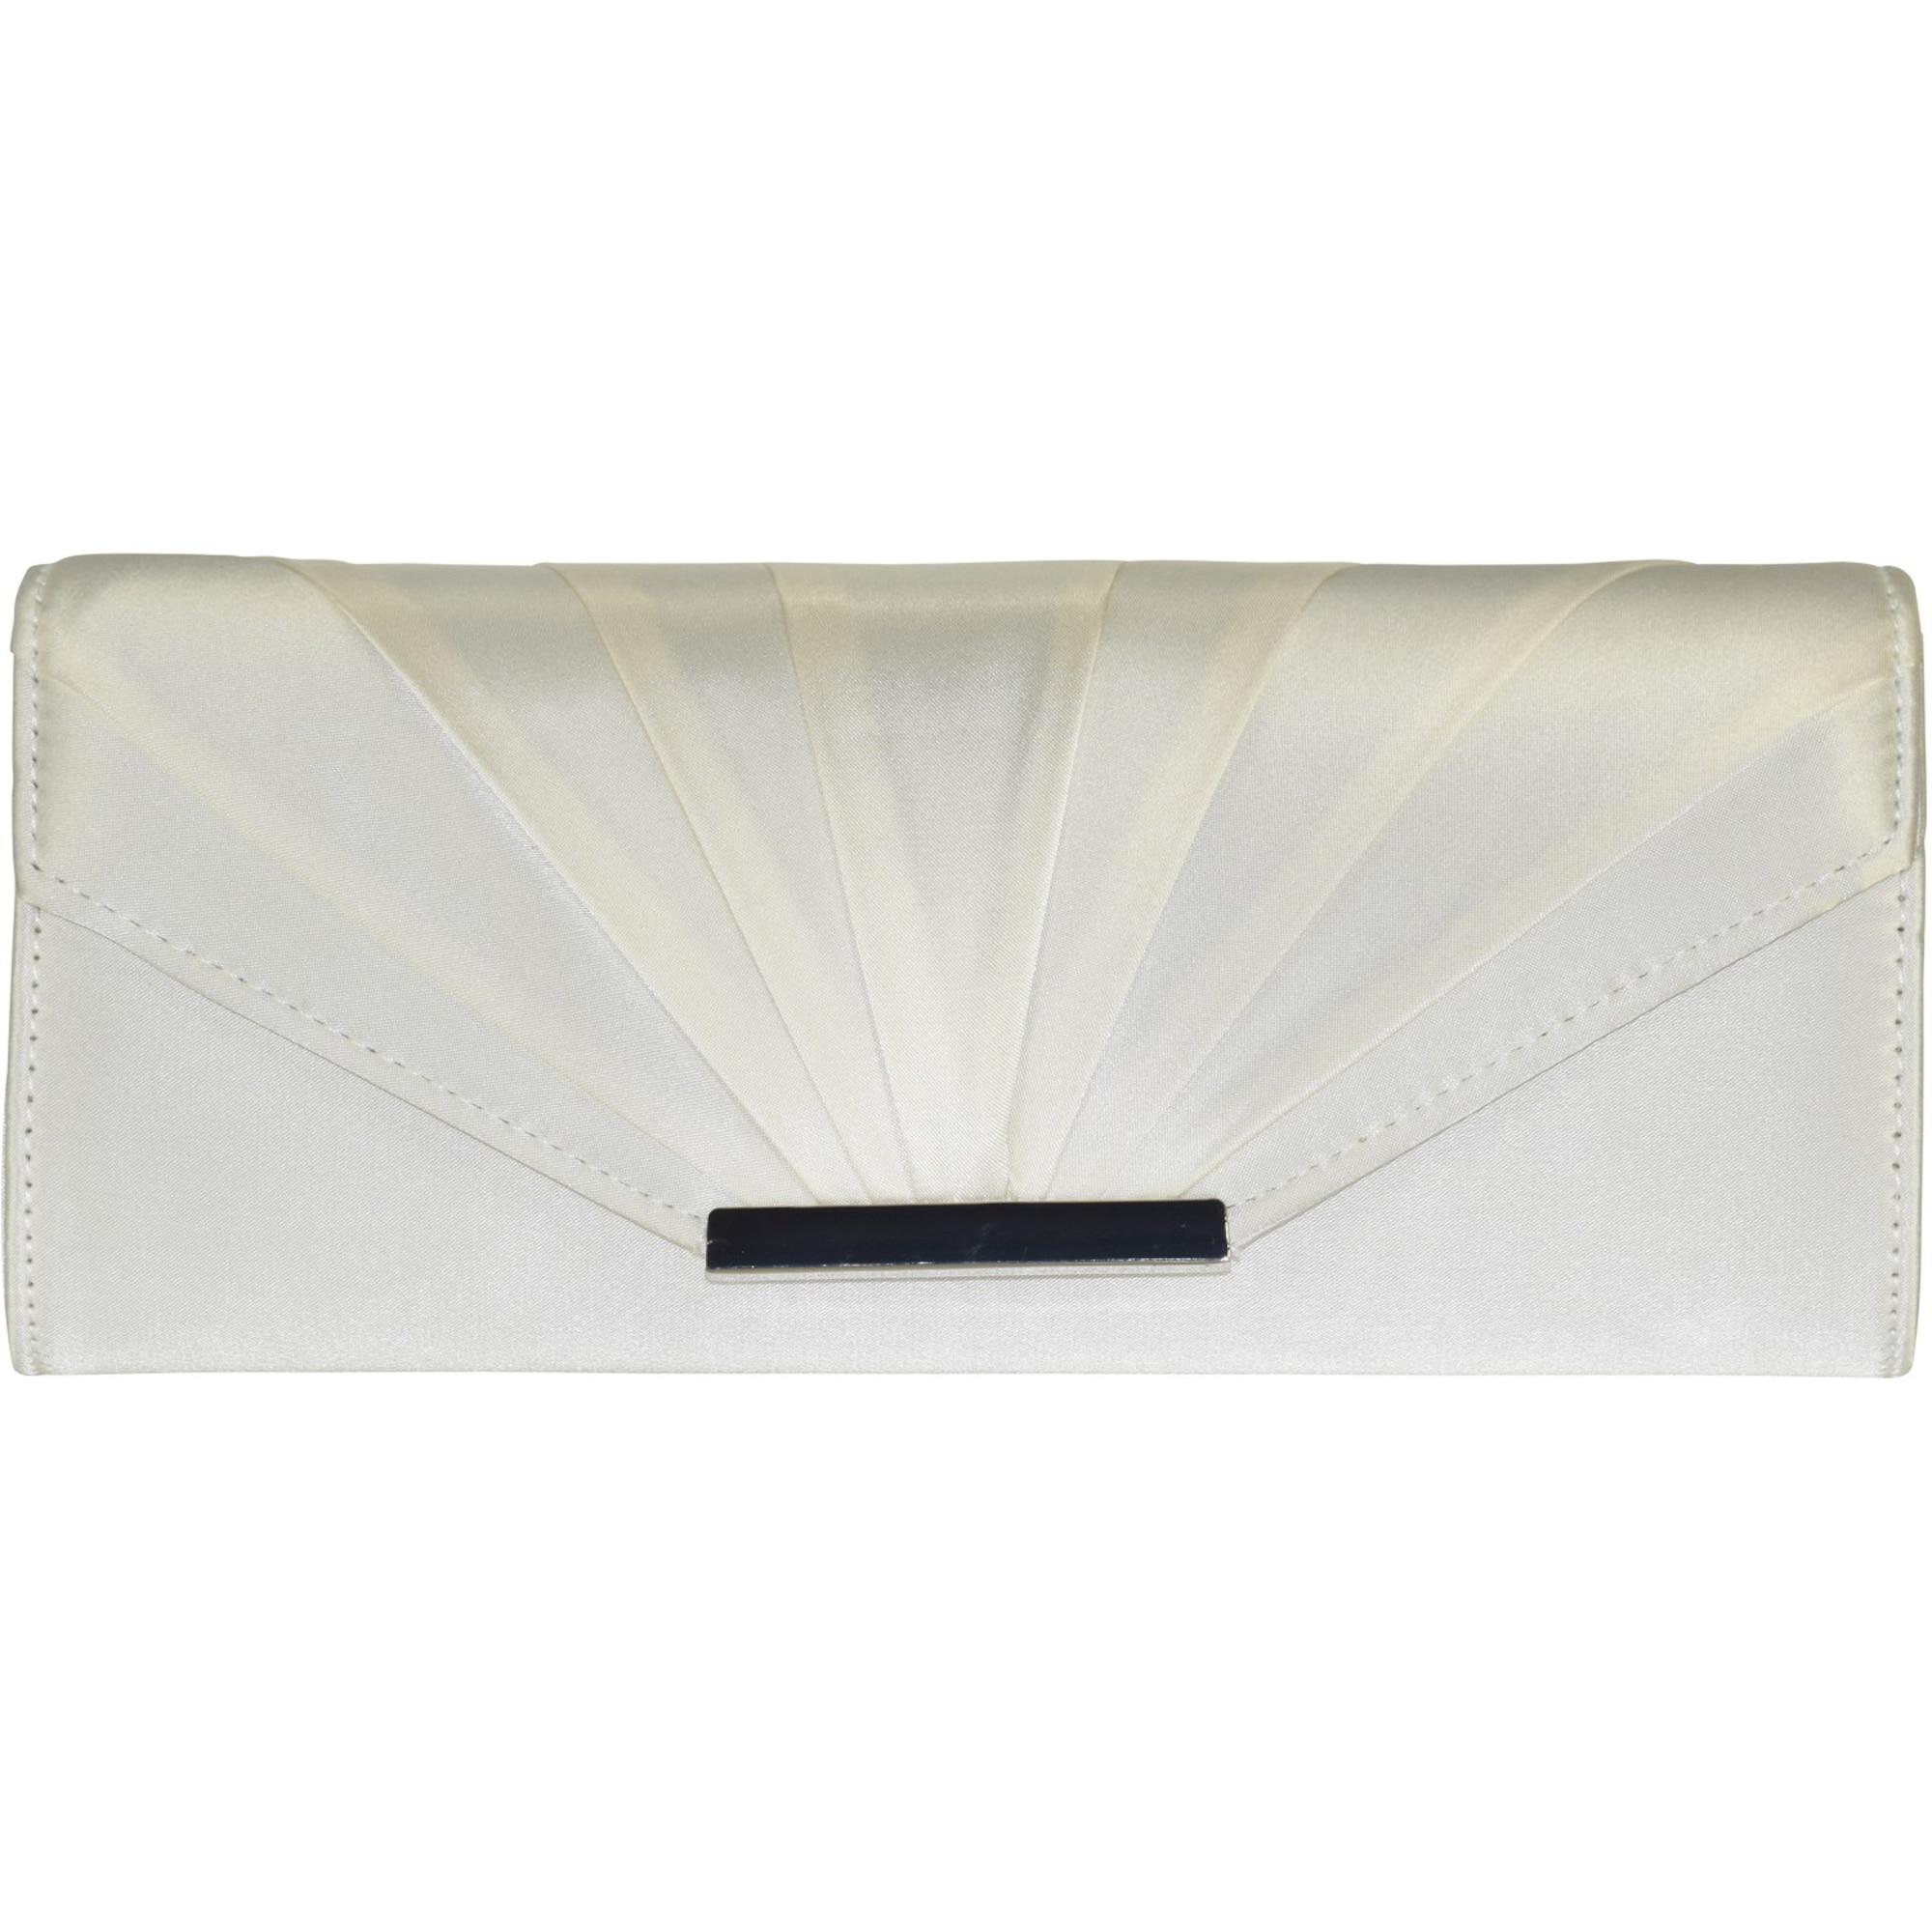 Scala Abendtasche 23 cm | Taschen > Handtaschen > Abendtaschen | Creme | Picard